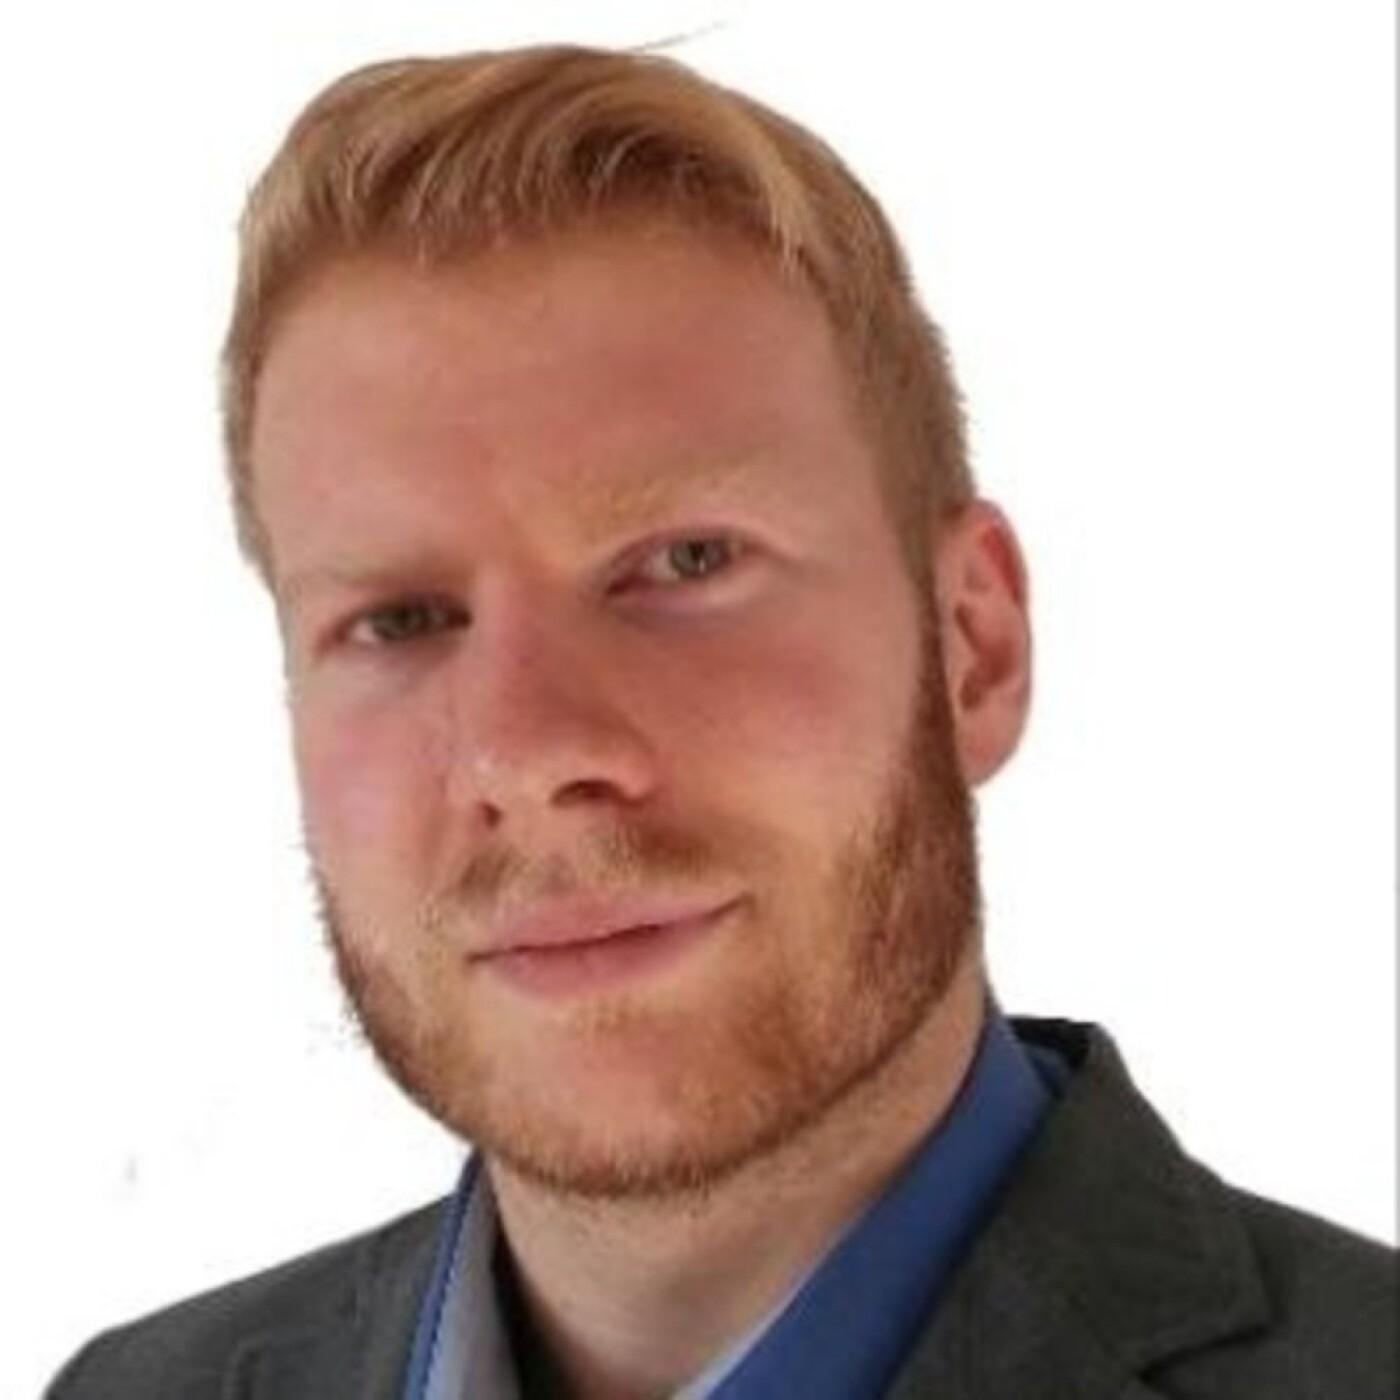 Incendie d'OVHcloud : l'incident qui fait peur - Samuel Bally de Ippon Technologies